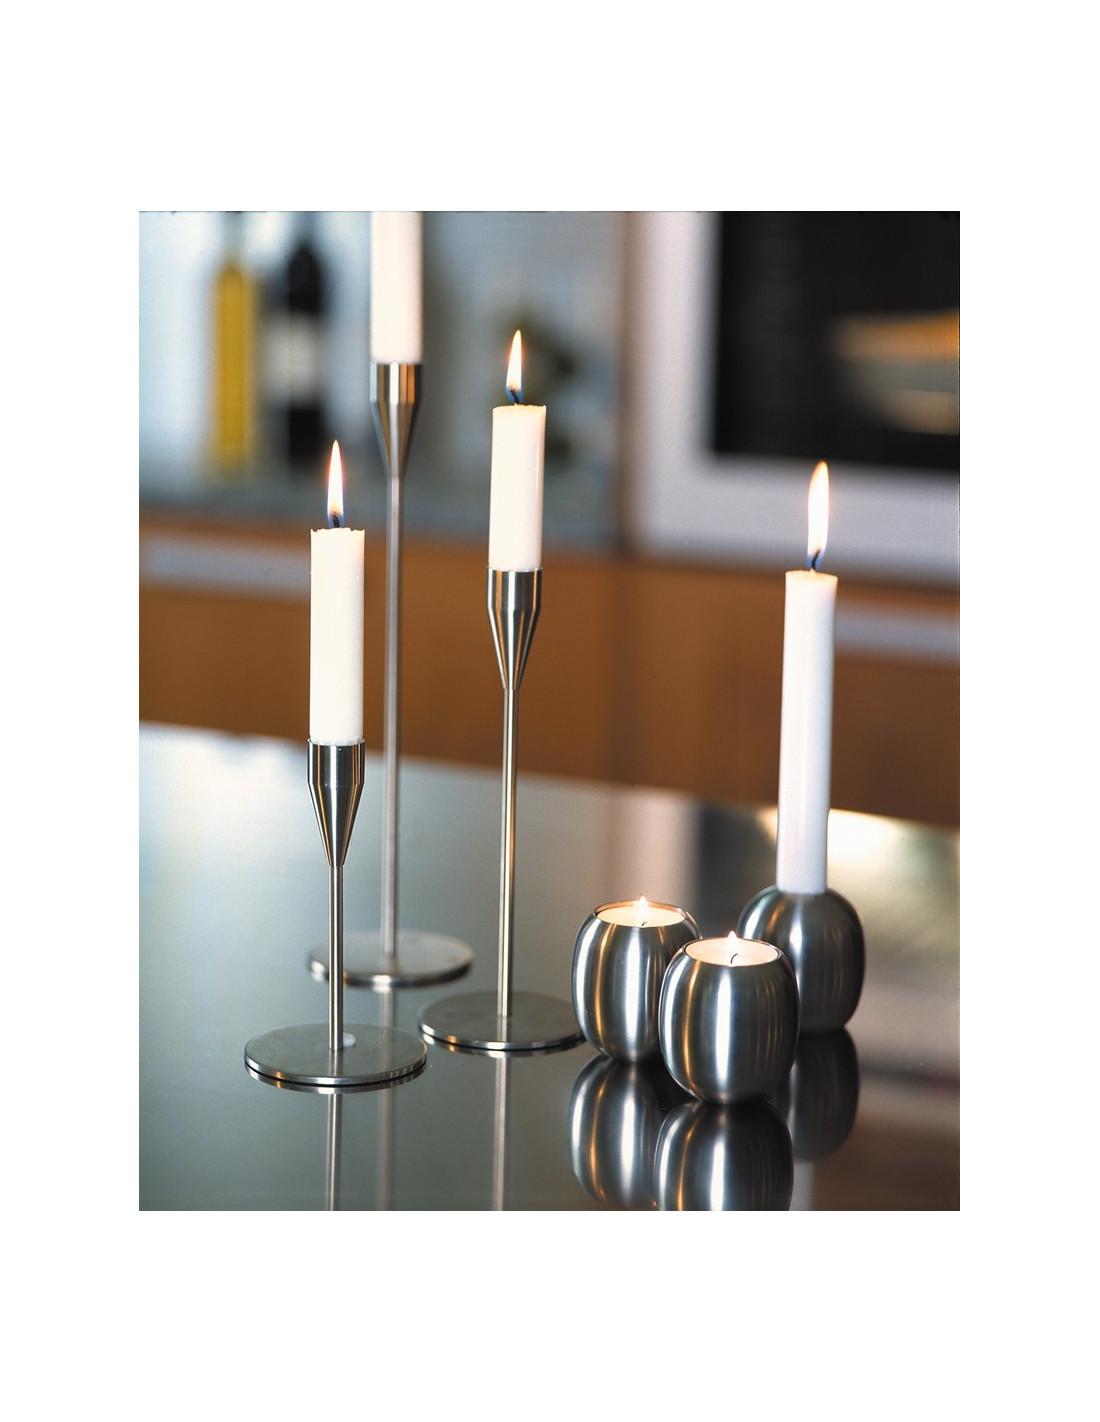 Piet Hein Stainless Steel Candlestick